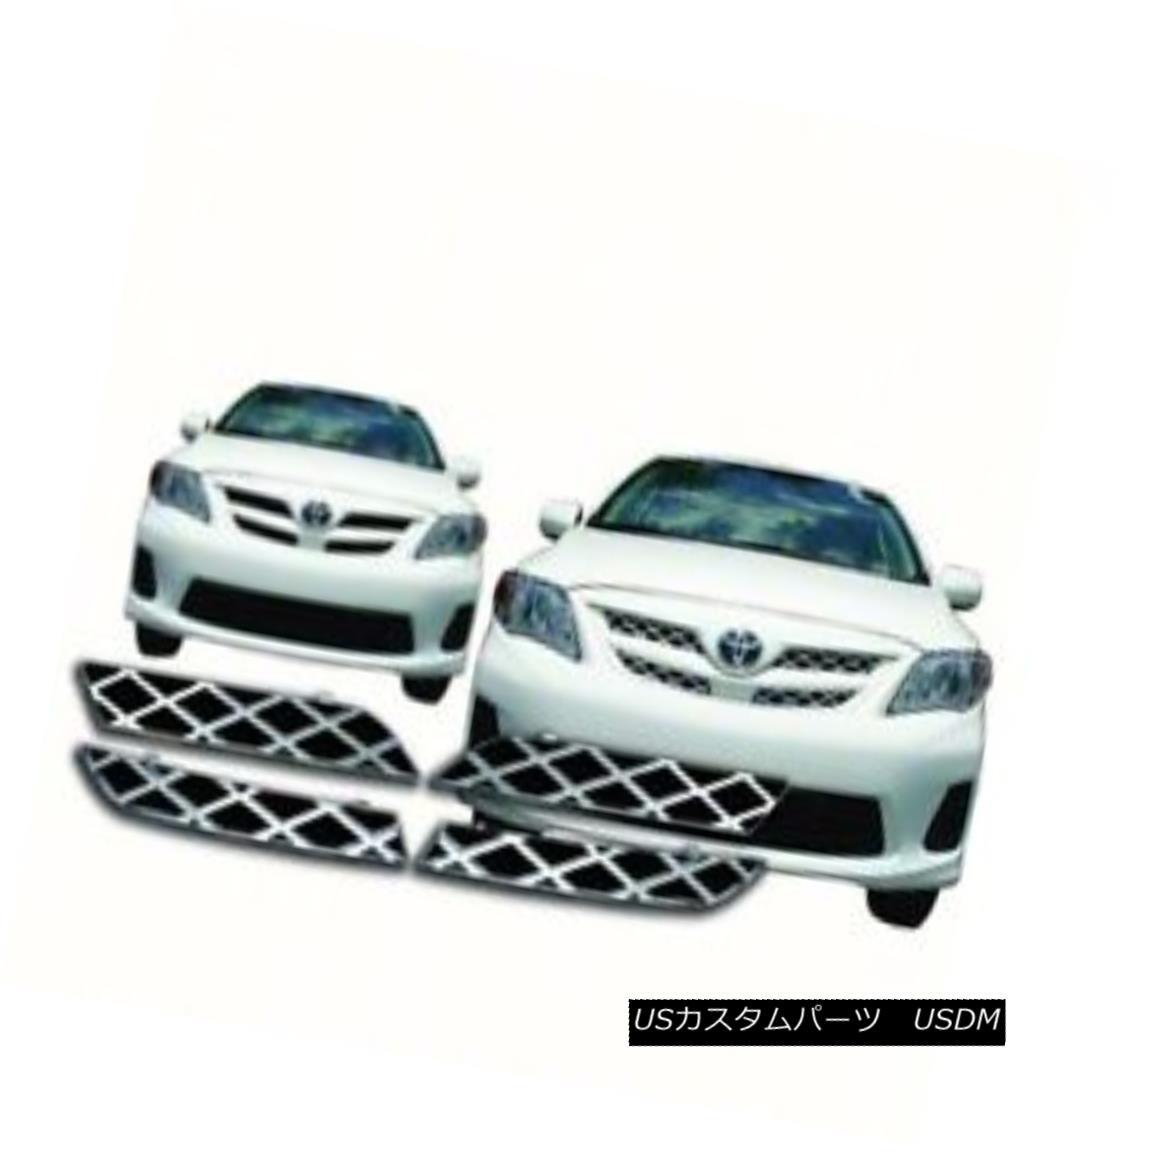 グリル IWCGI104 - Fits 2011-2013 Toyota Corolla Chrome Grille Overlay IWCGI104 - 2011-2013年に適合トヨタカローラクロームグリルオーバーレイ